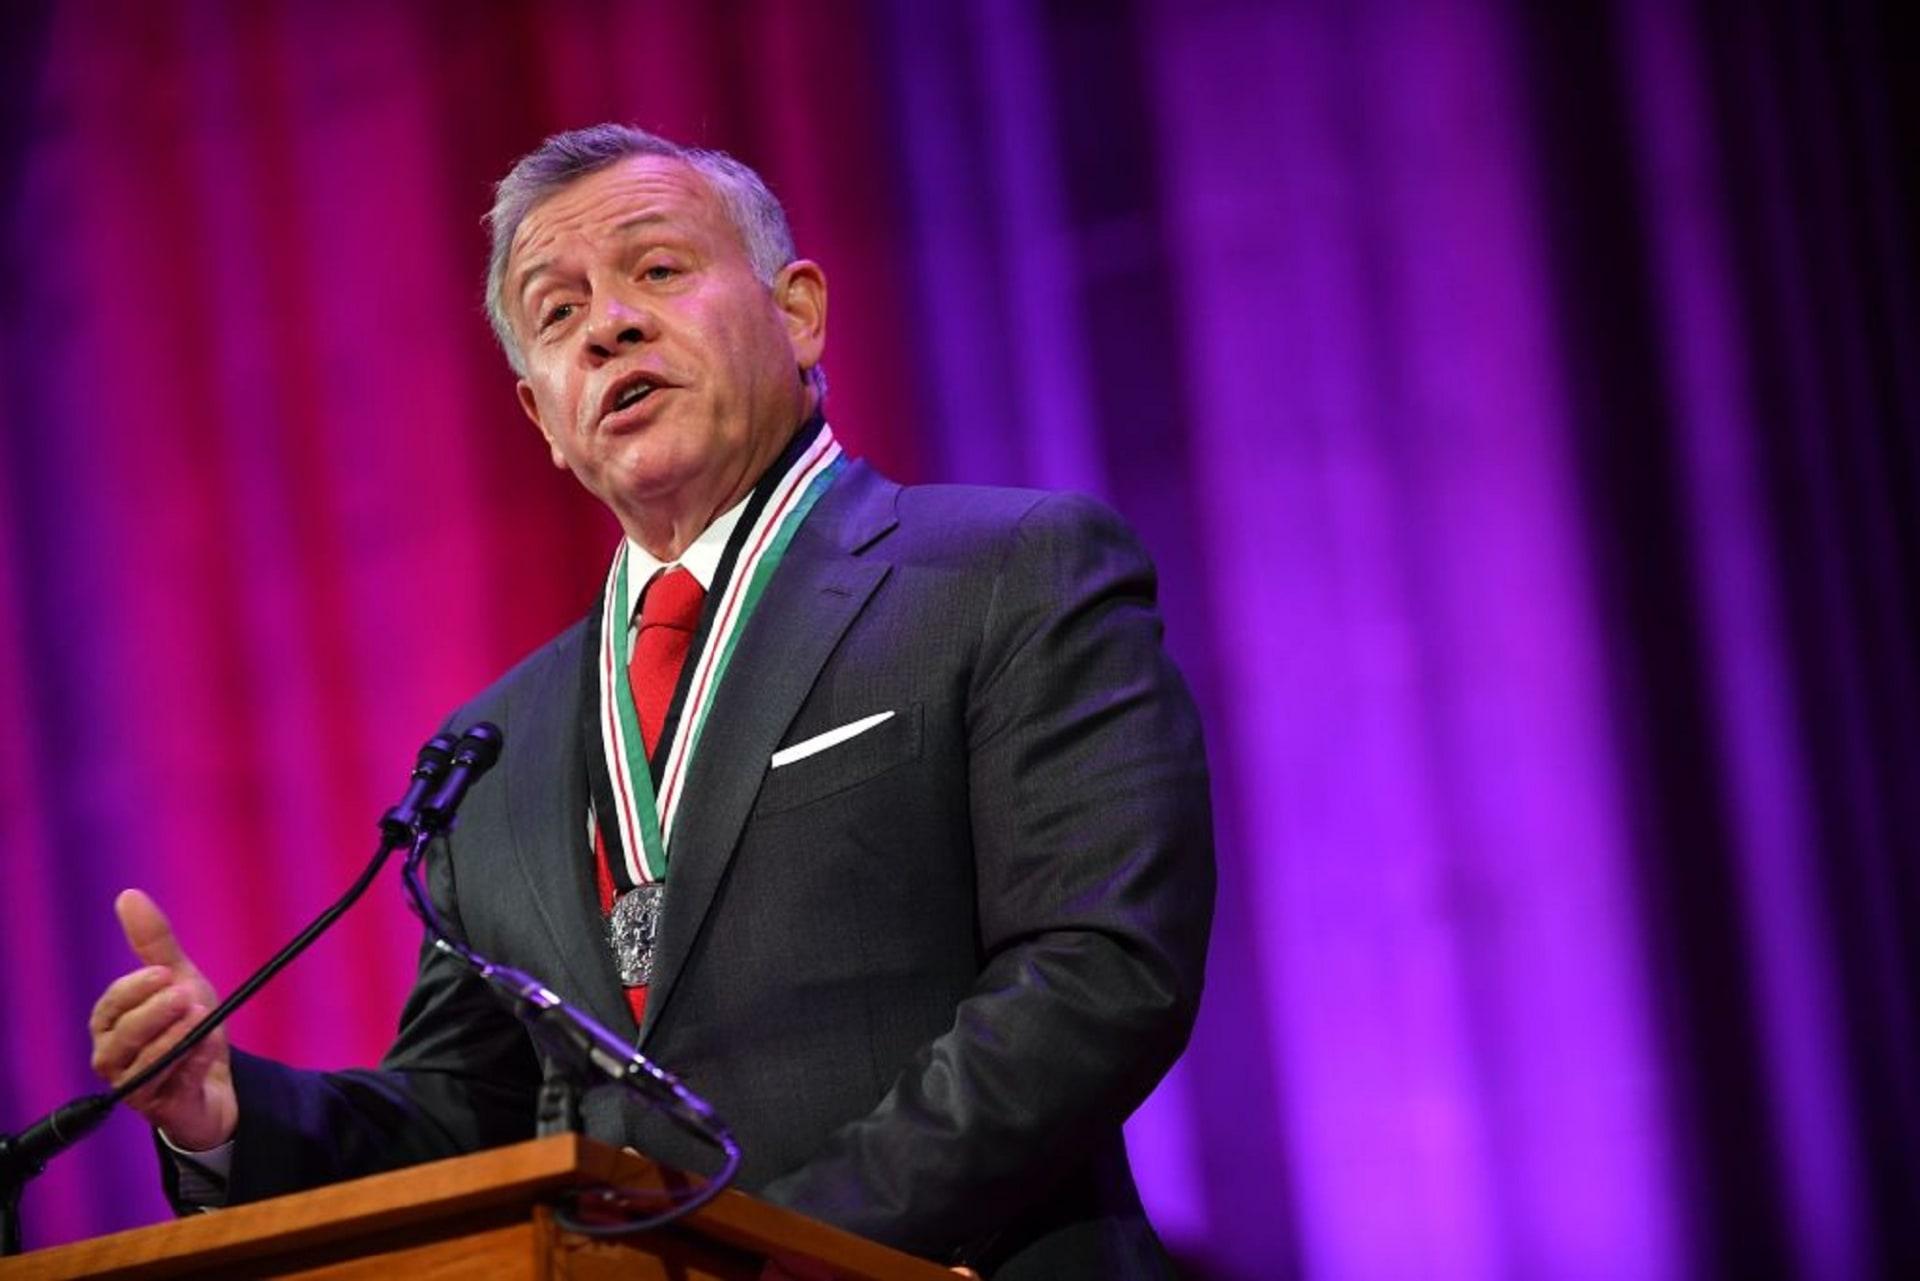 غنيمات: ملك الأردن يدرك تماما ما يعاني منه الشعب